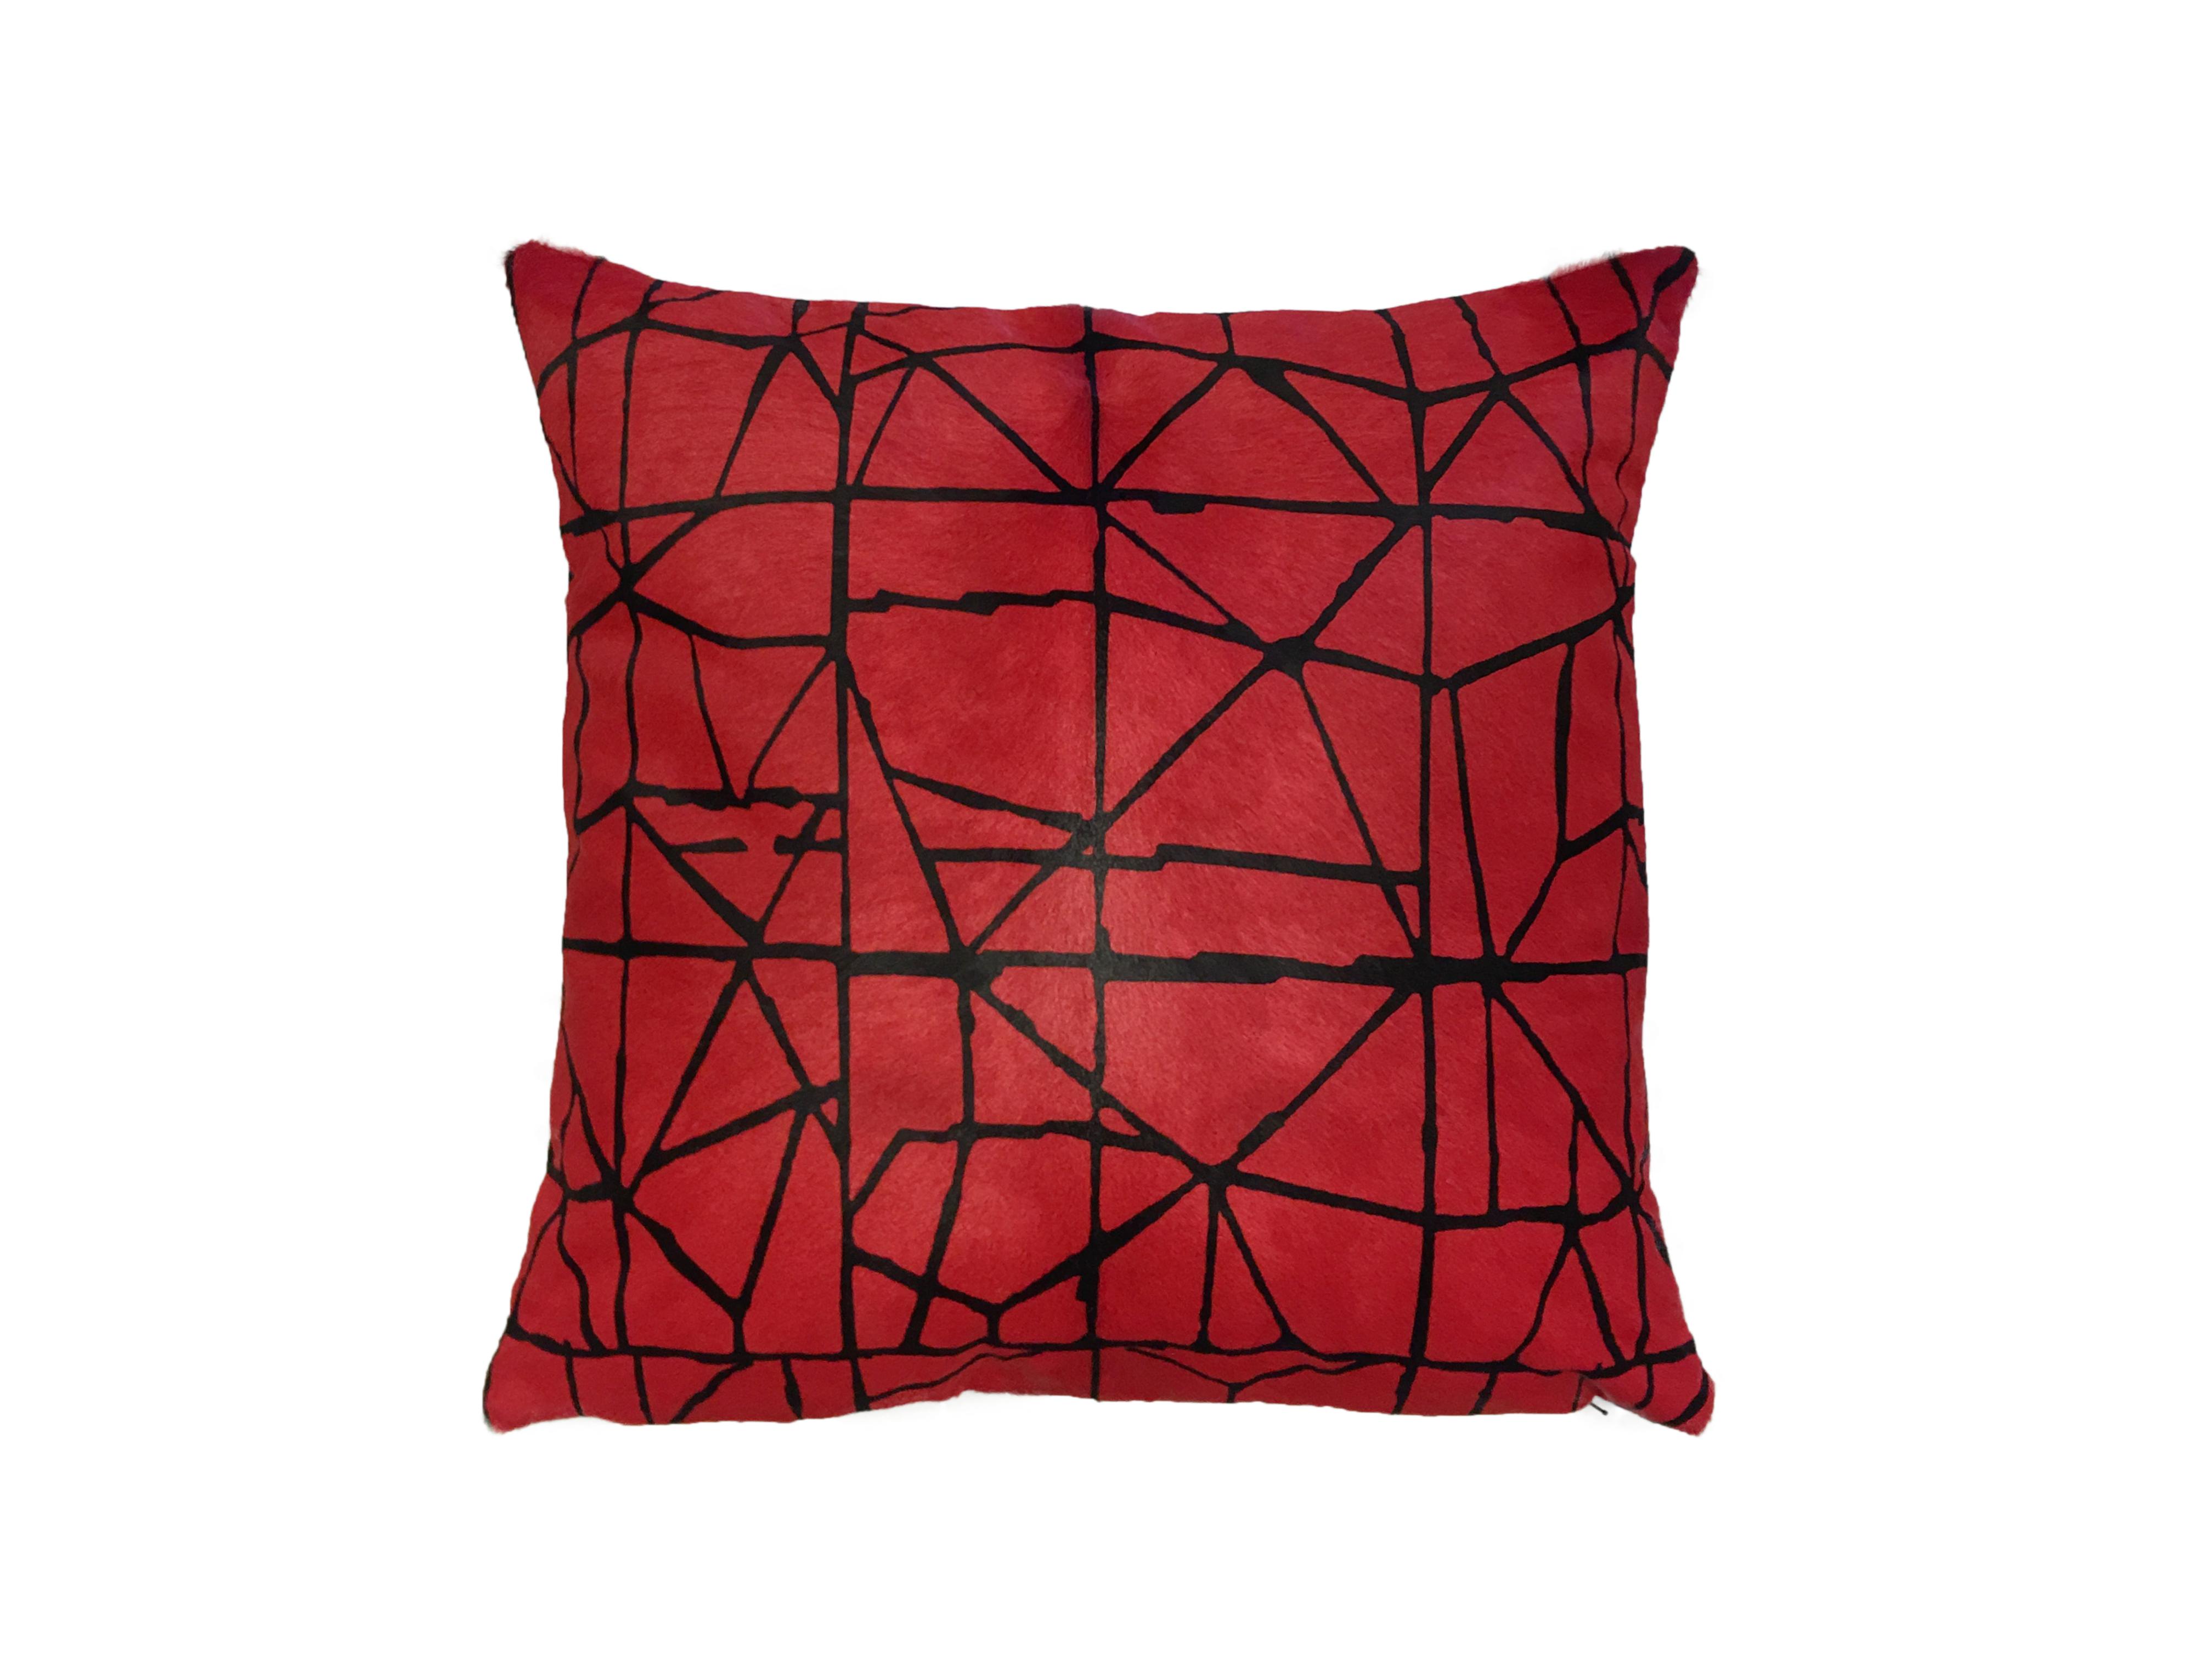 Cavallino Pillow-shabishu-50x50cm-CPSHA1267833BL5050 - ANVOGG FEEL SHEARLING | ANVOGG